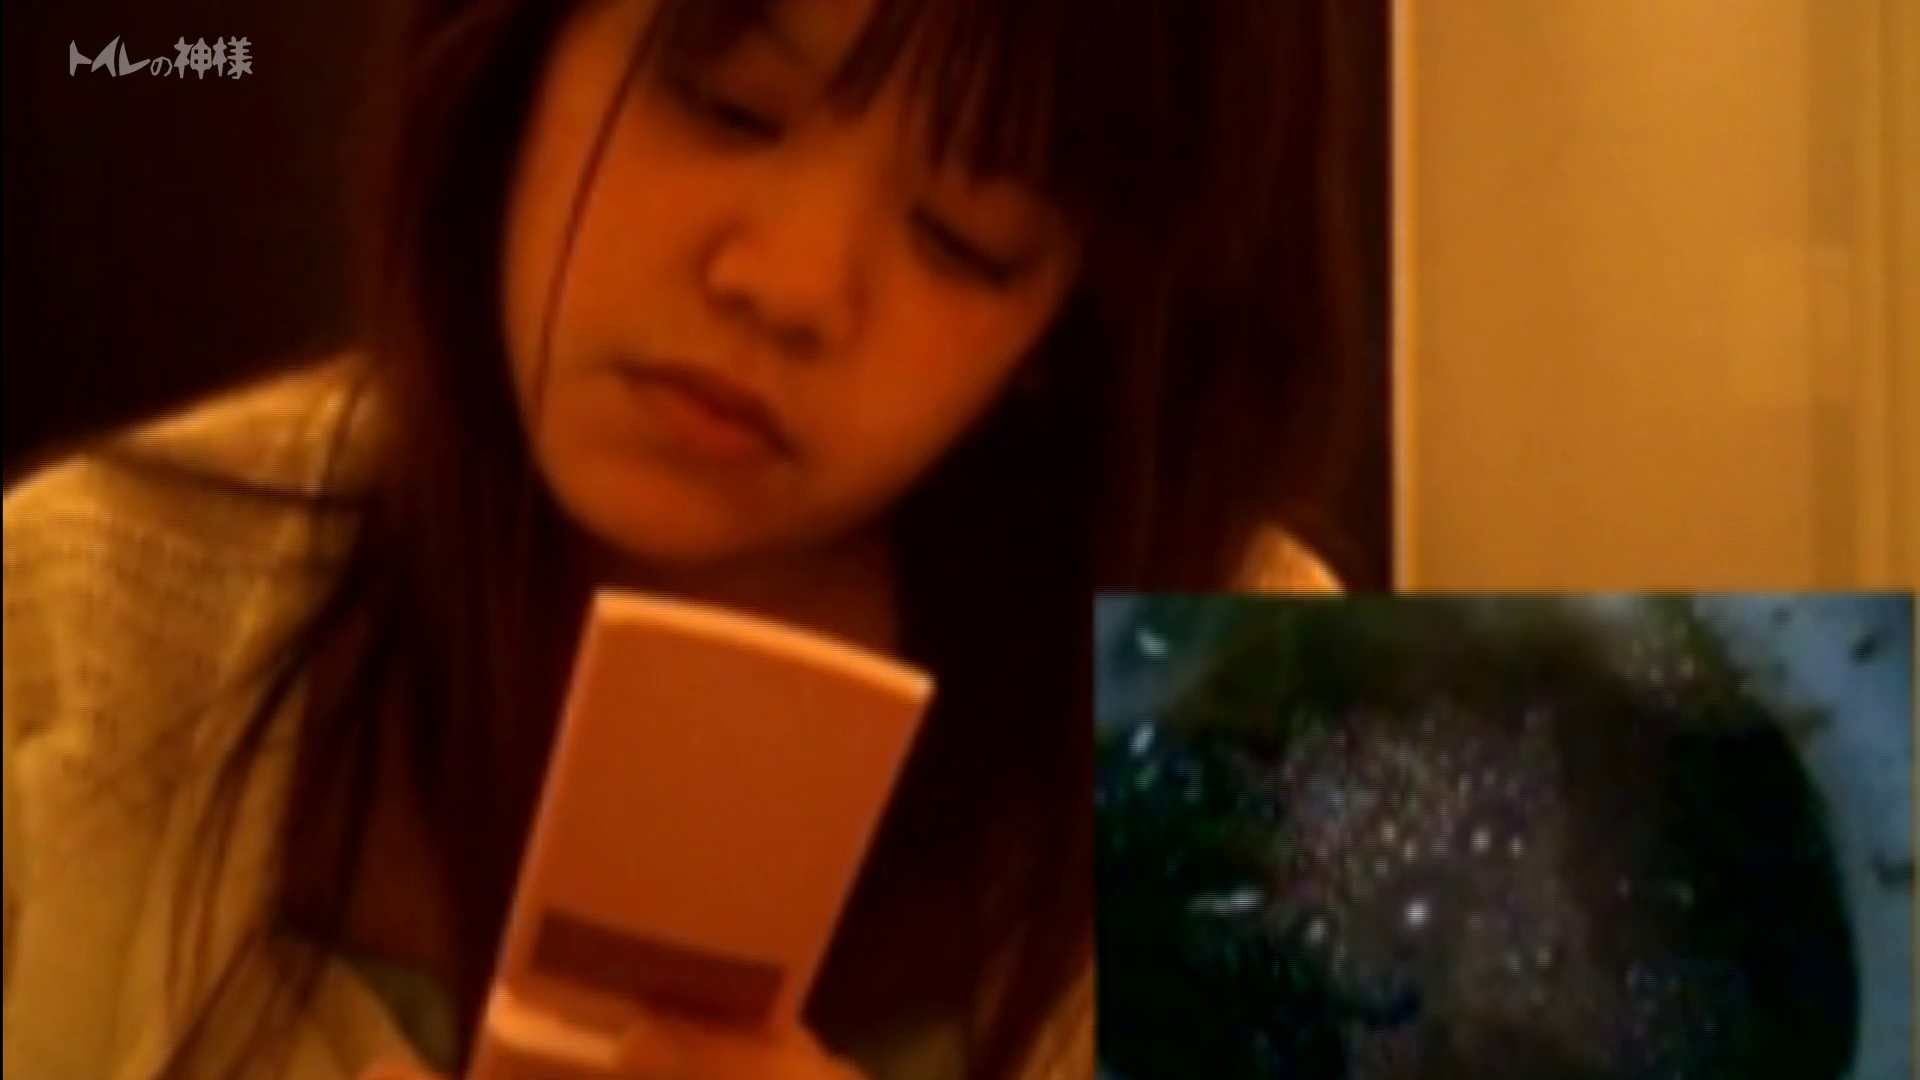 トイレの神様 Vol.03 彼女のうんち隠し撮り ギャル  70PIX 53